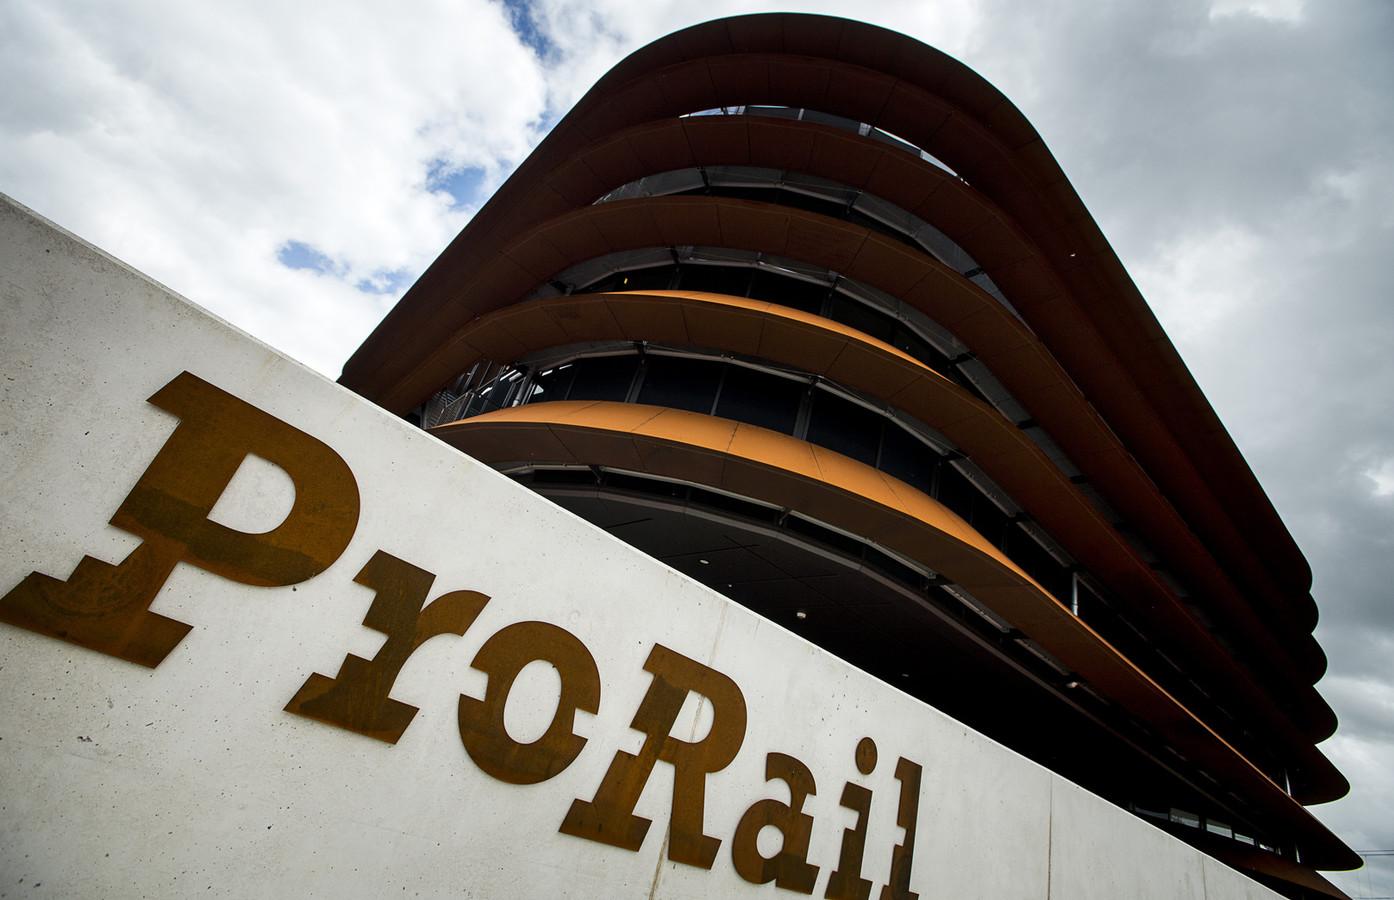 Exterieur van de verkeersleidingspost van ProRail in Utrecht.